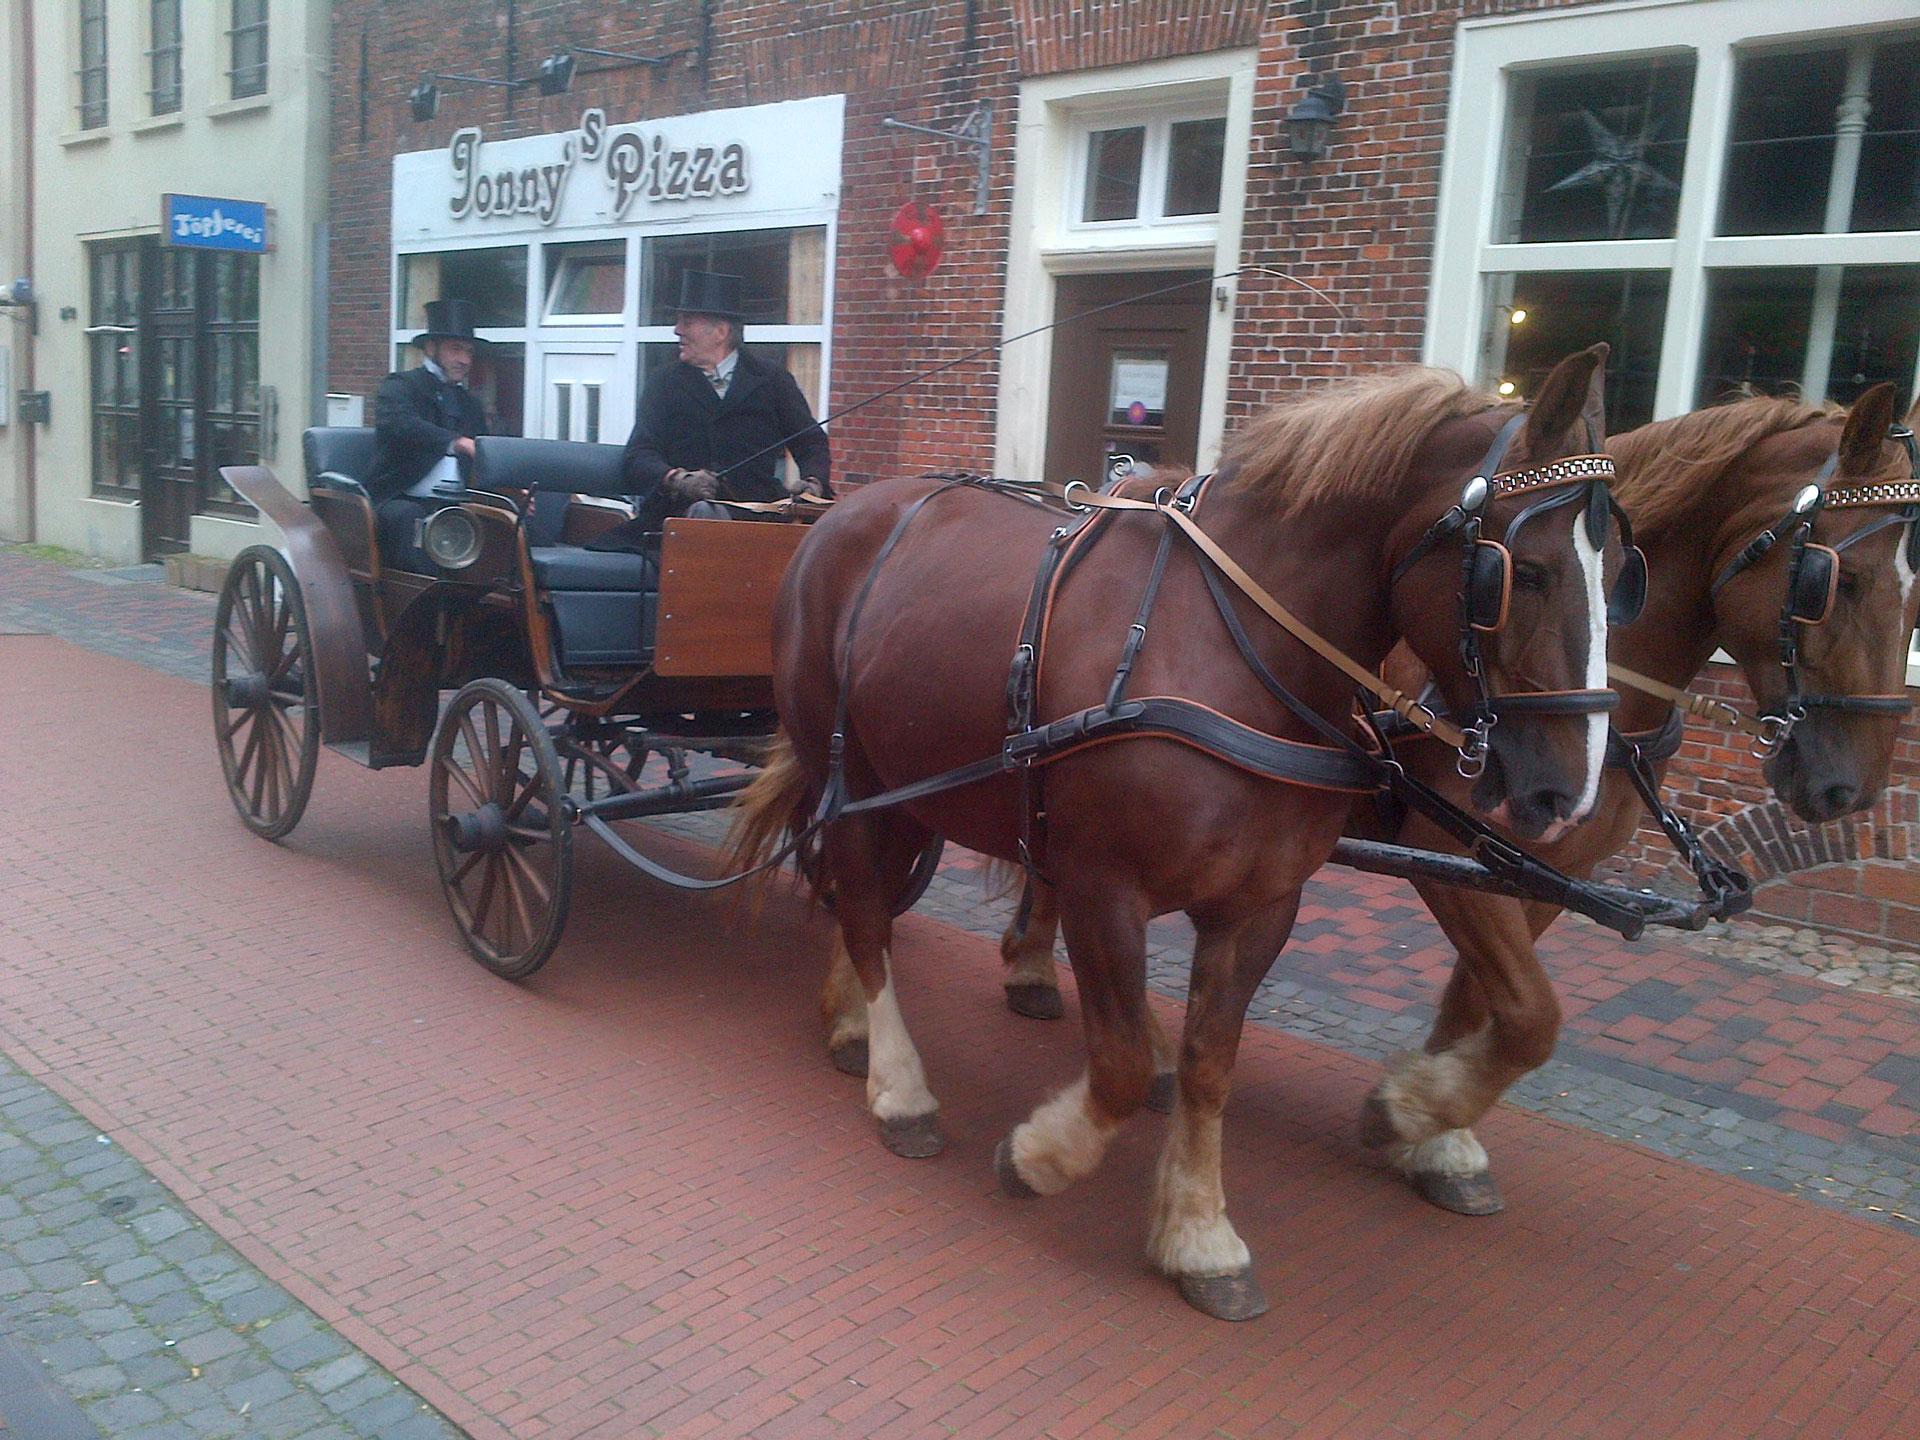 (c) Buurenpeerd-arbeit-mit-pferden.de